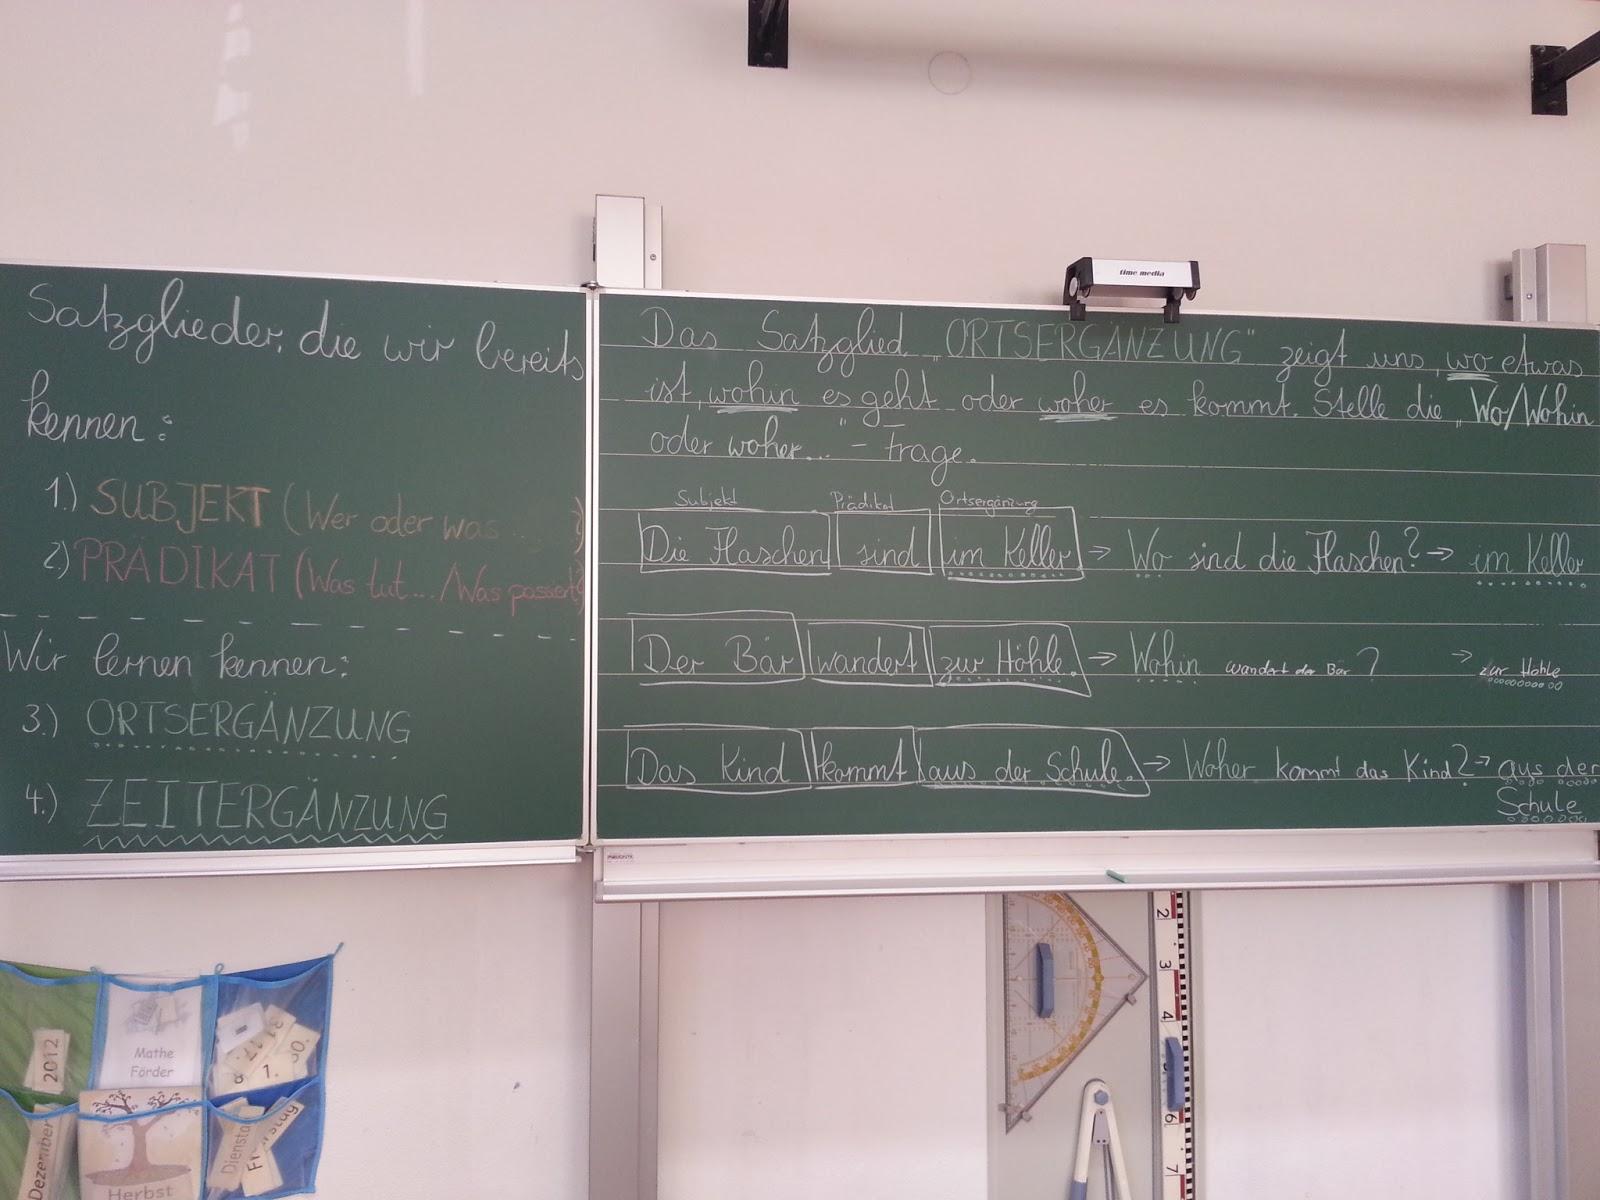 Wir werden uns kennenlernen englisch